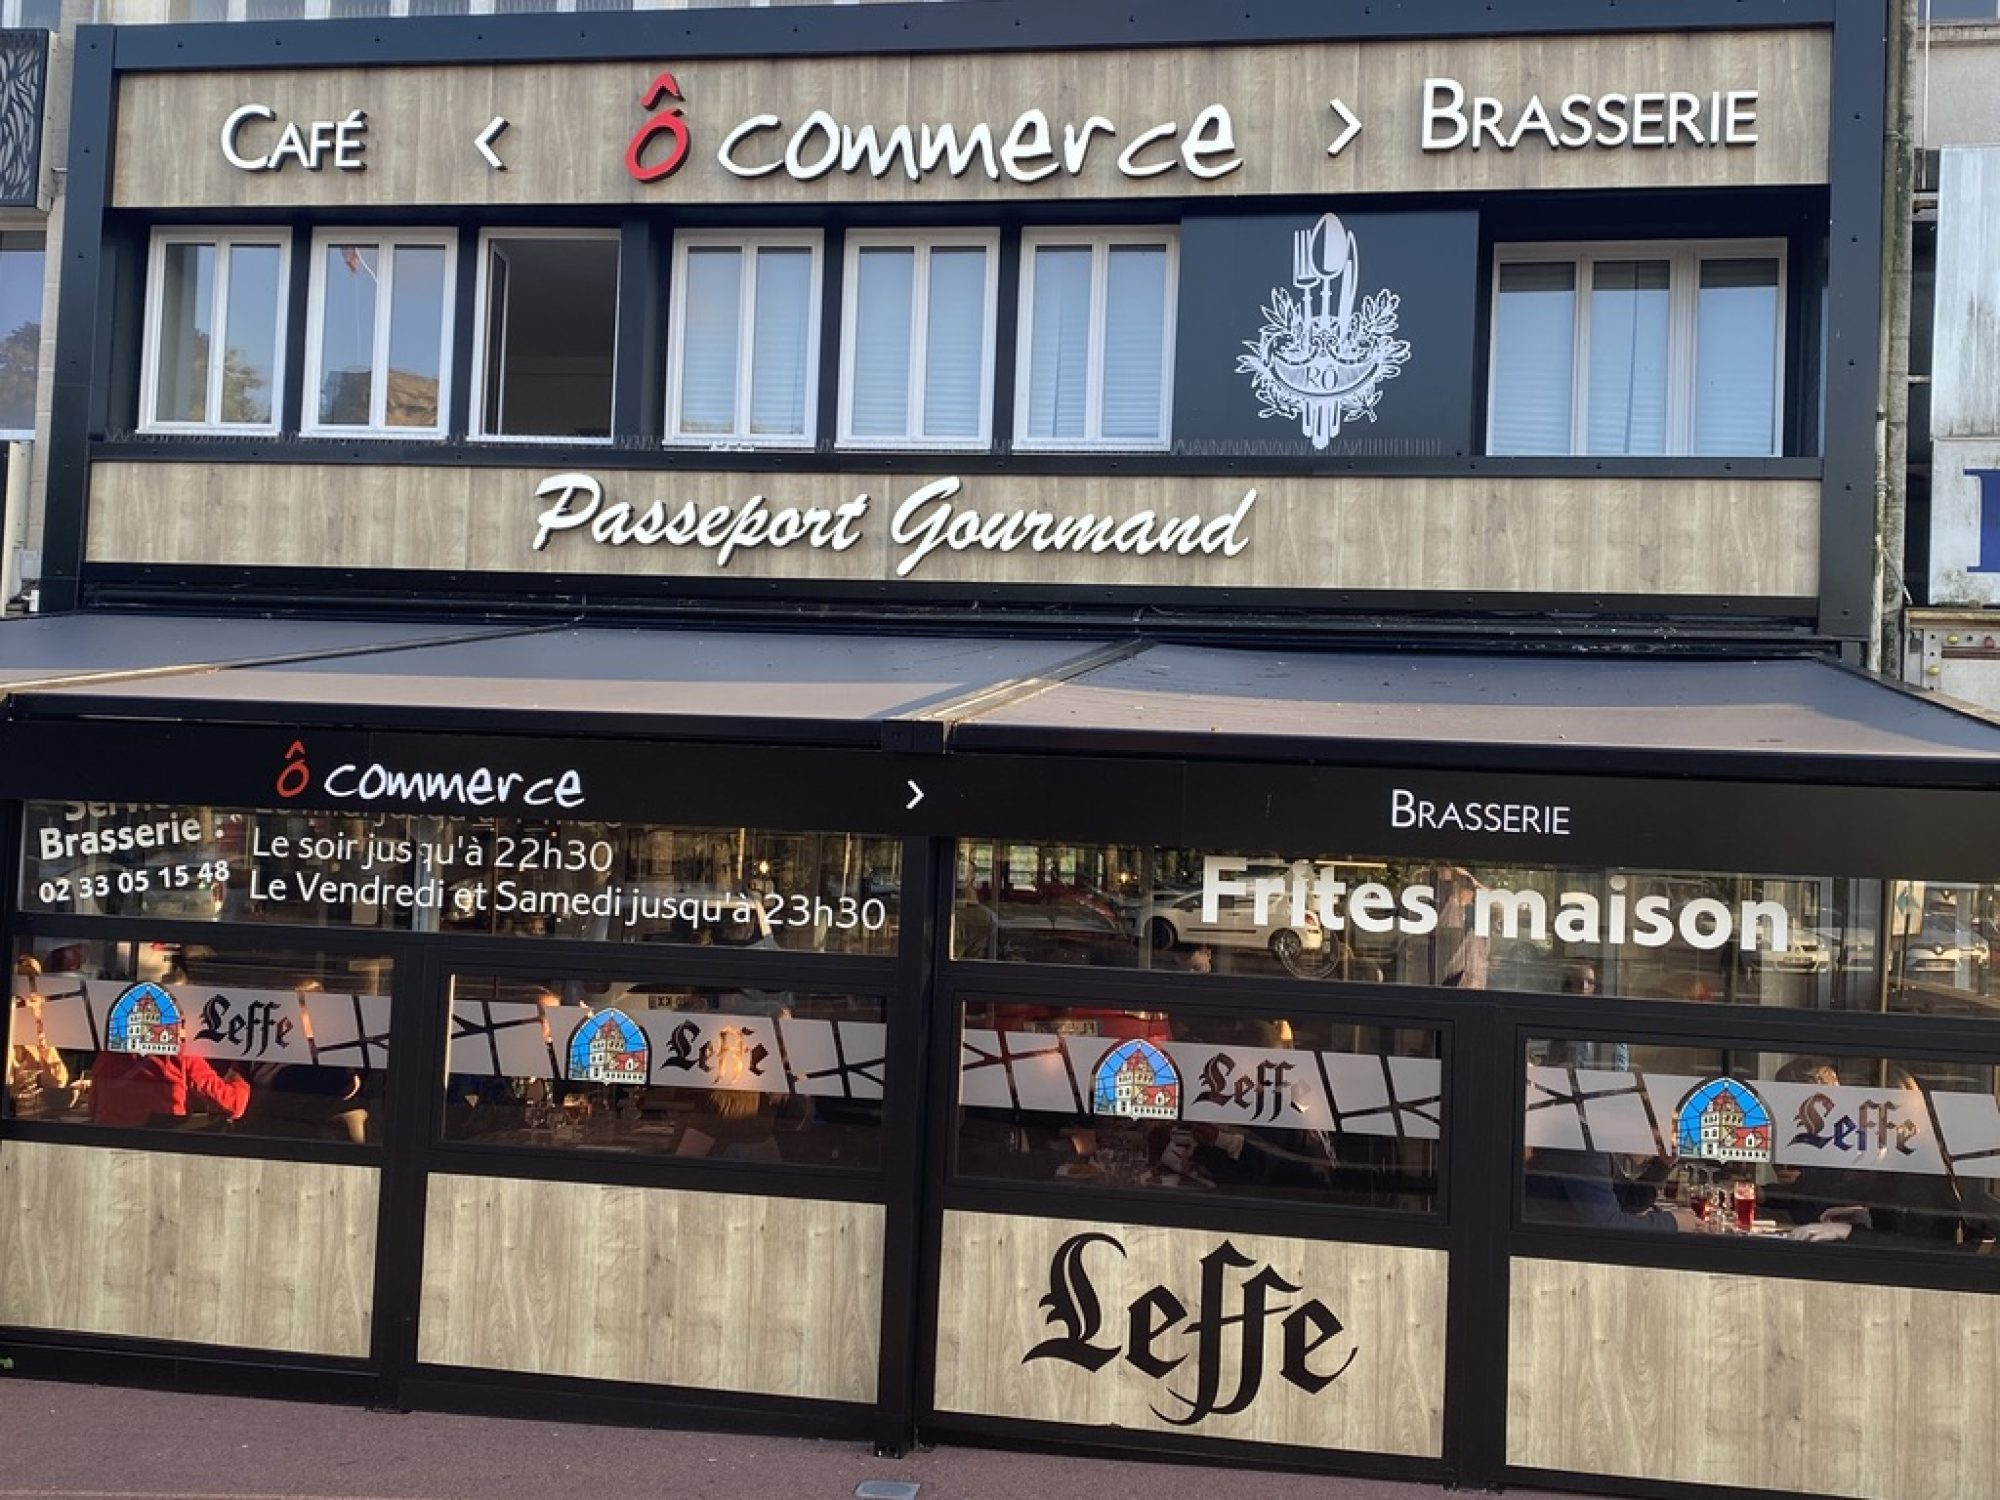 Ô Commerce Saint-Lô